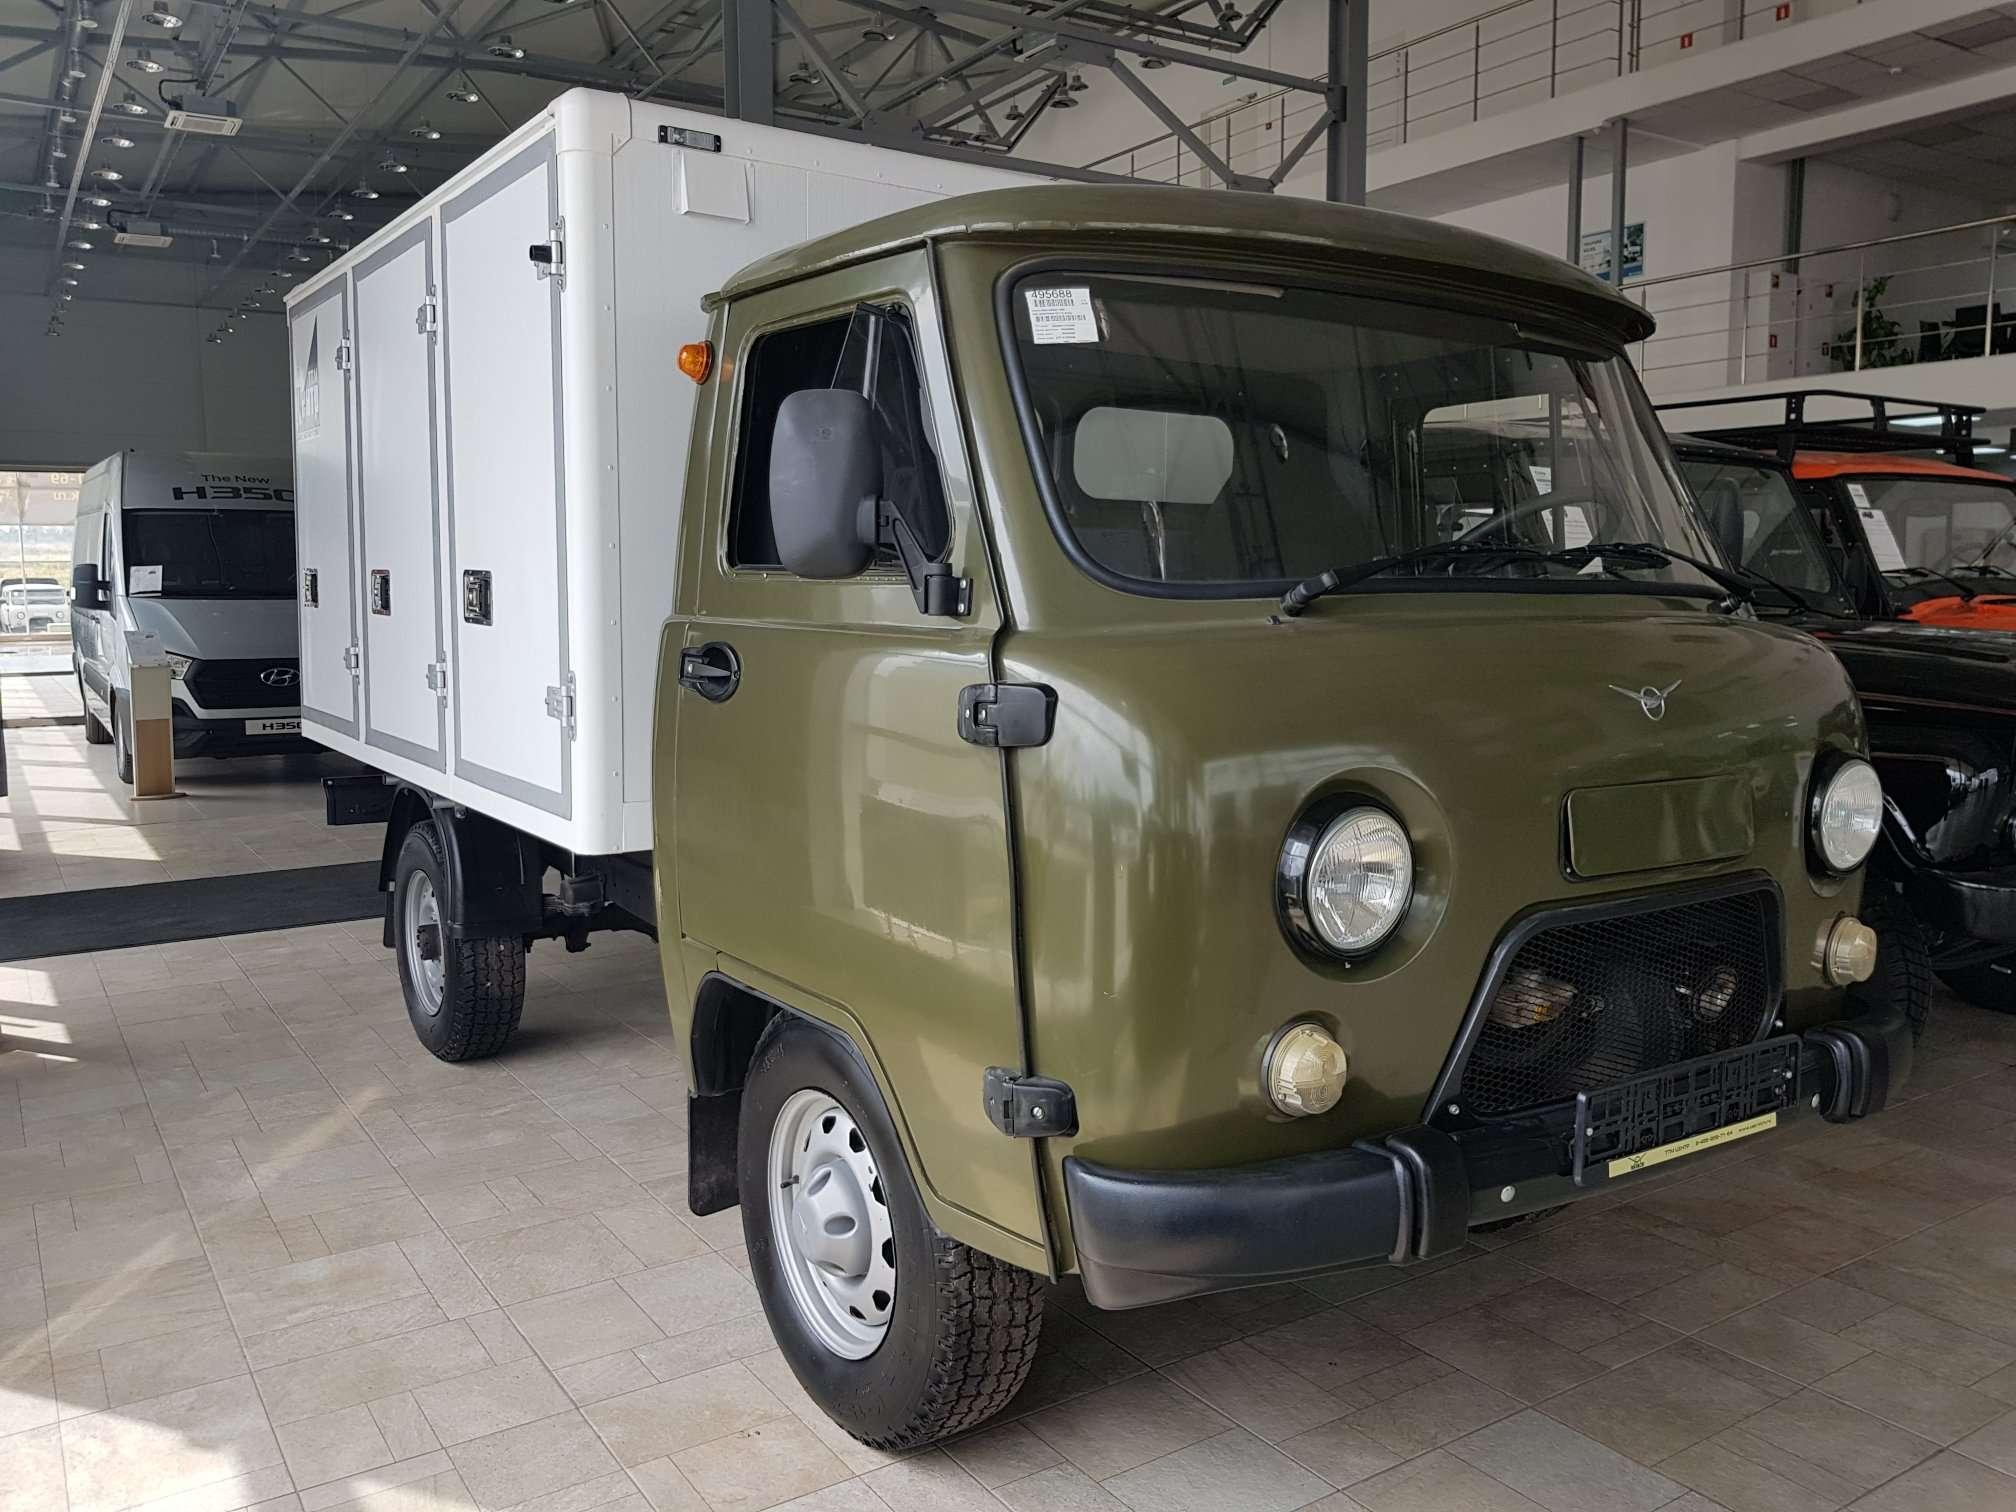 УАЗ 330365 с Фургоном для перевозки хлебобулочных изделий